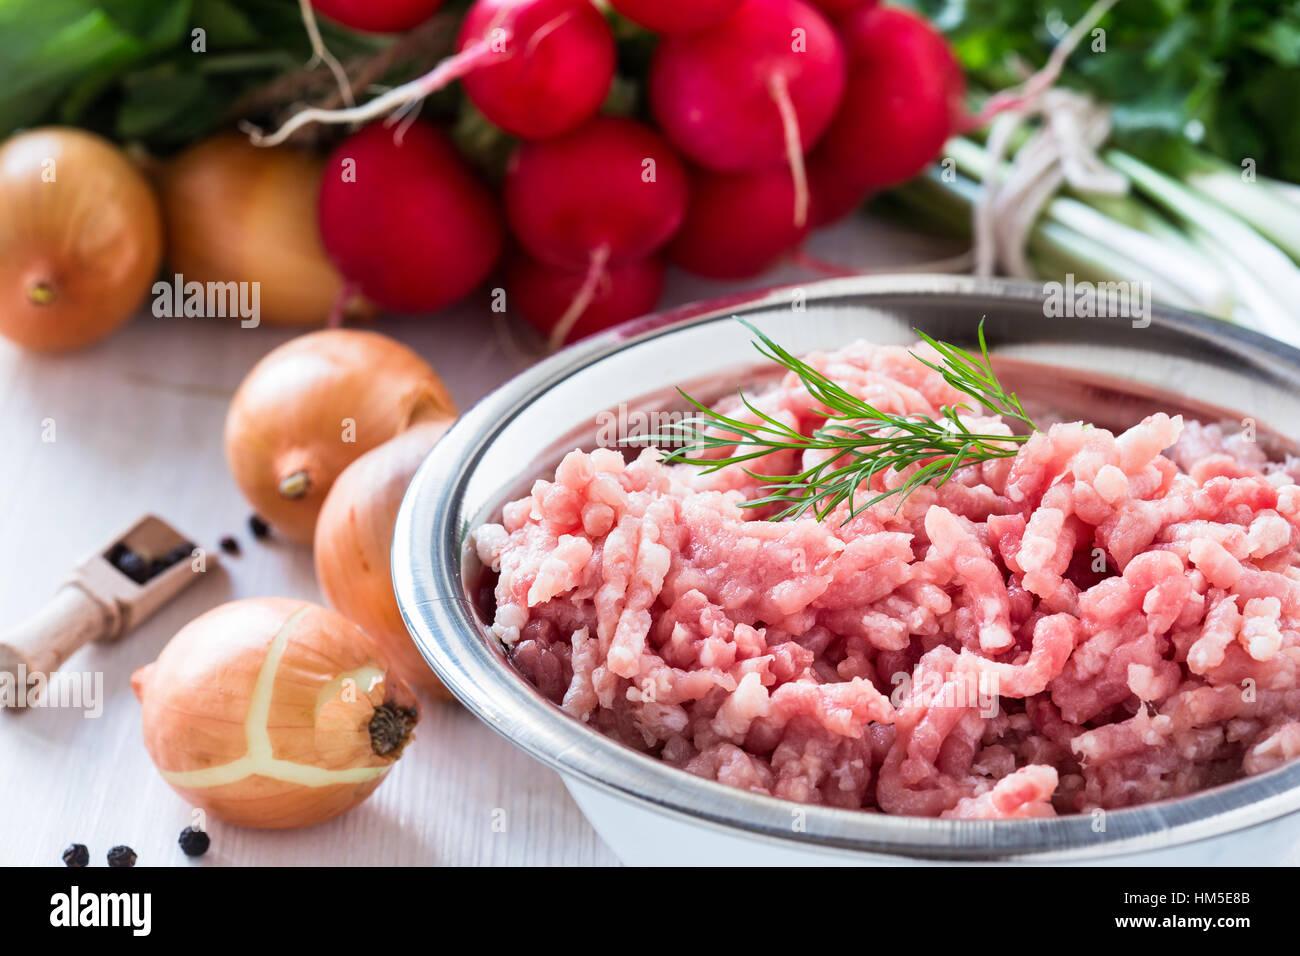 La carne molida cruda en blanco tazón. La carne picada de cerdo sobre un fondo de hortalizas frescas orgánicas Imagen De Stock